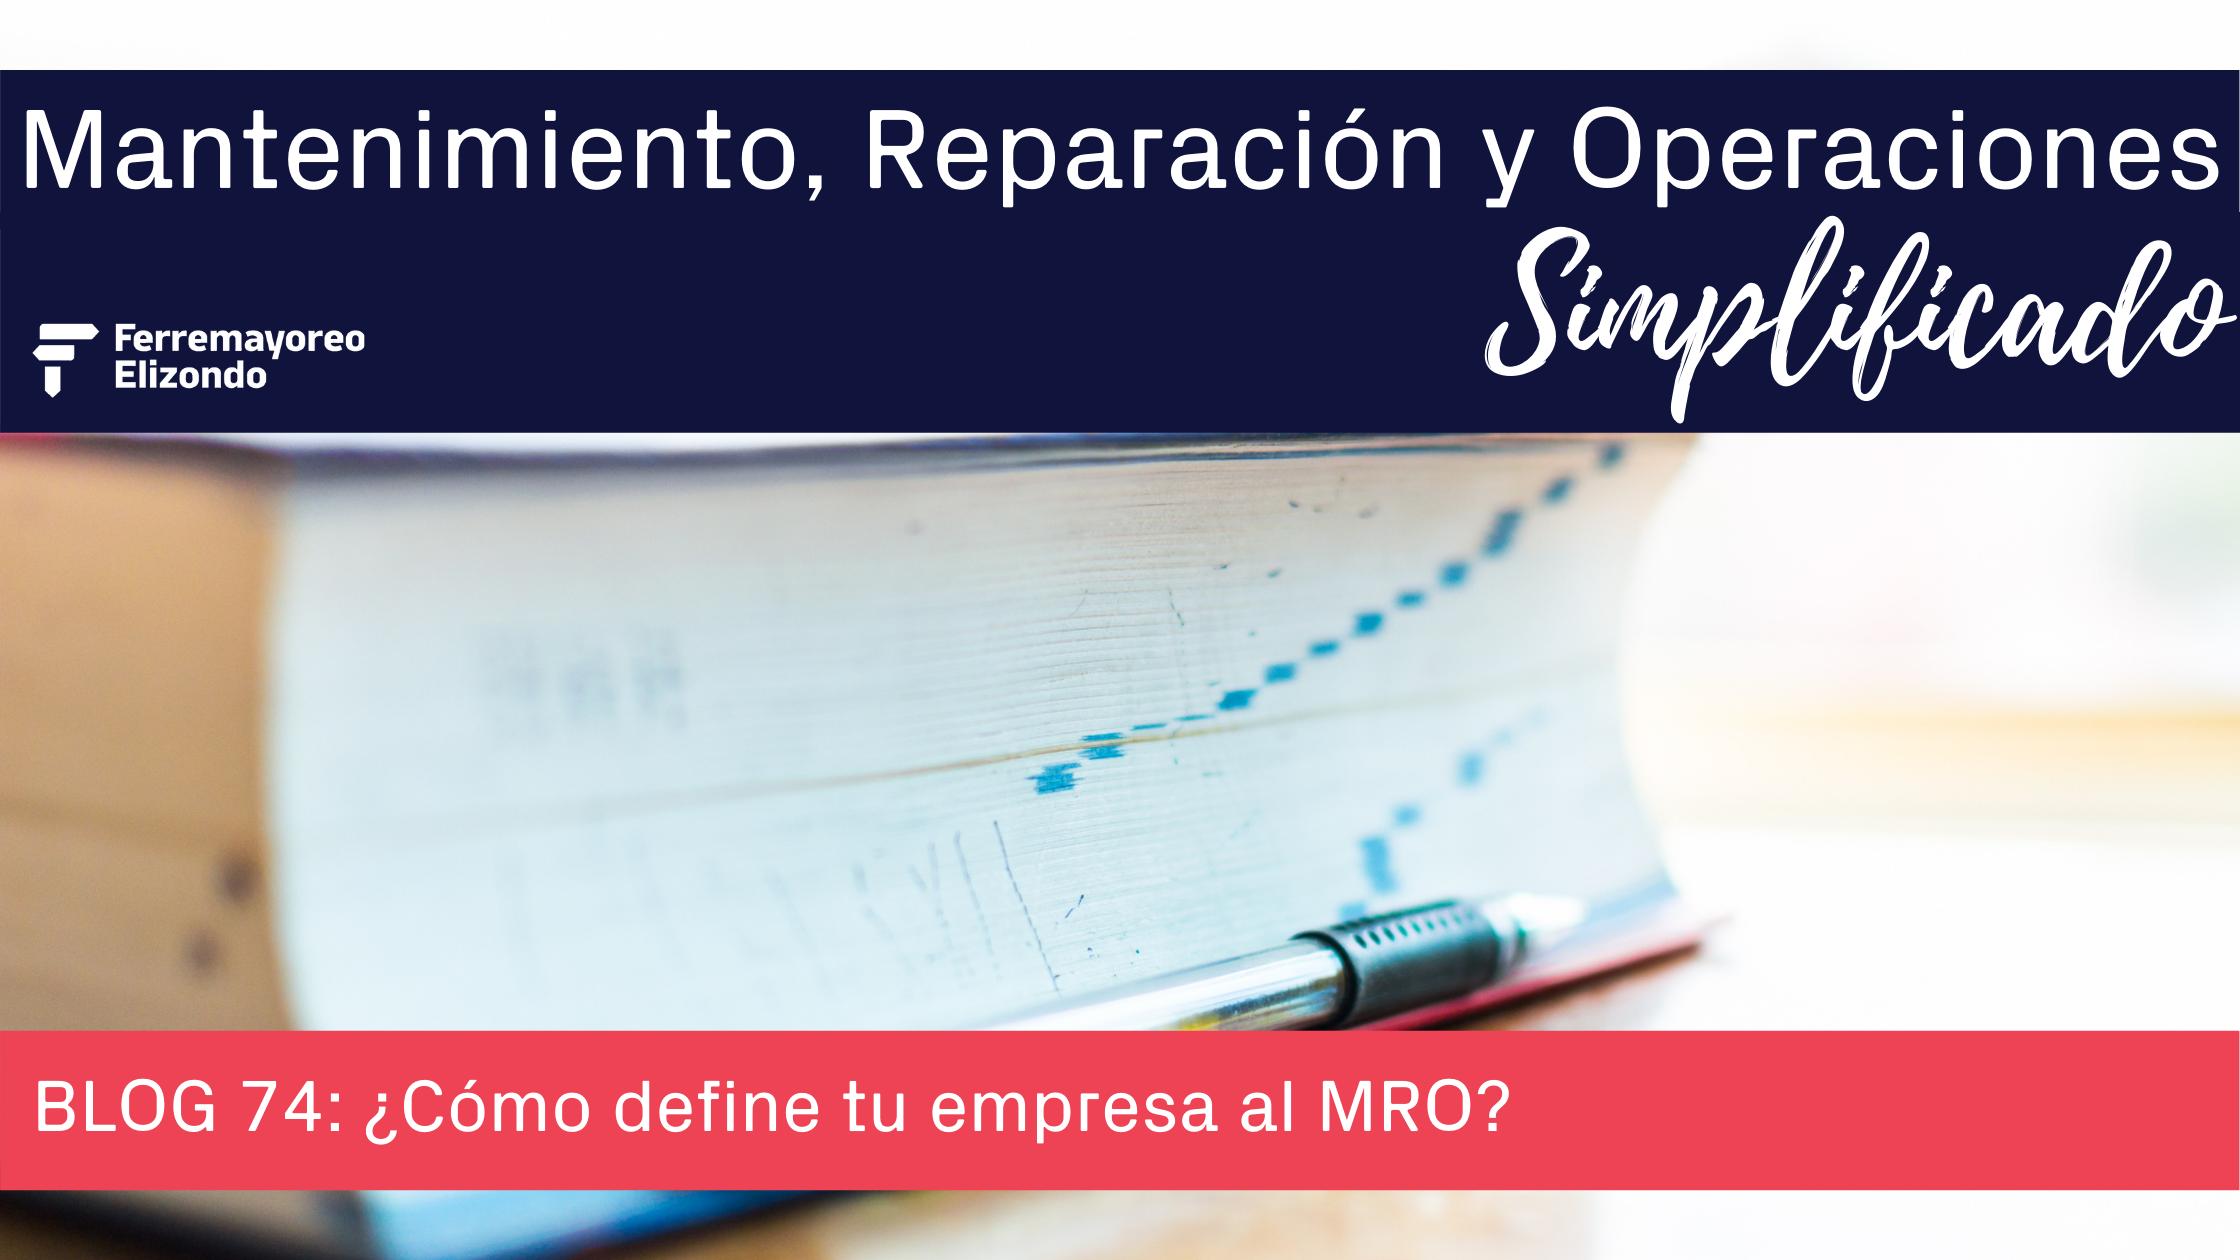 MRO Simplificado: ¿Cómo define tu empresa al MRO?